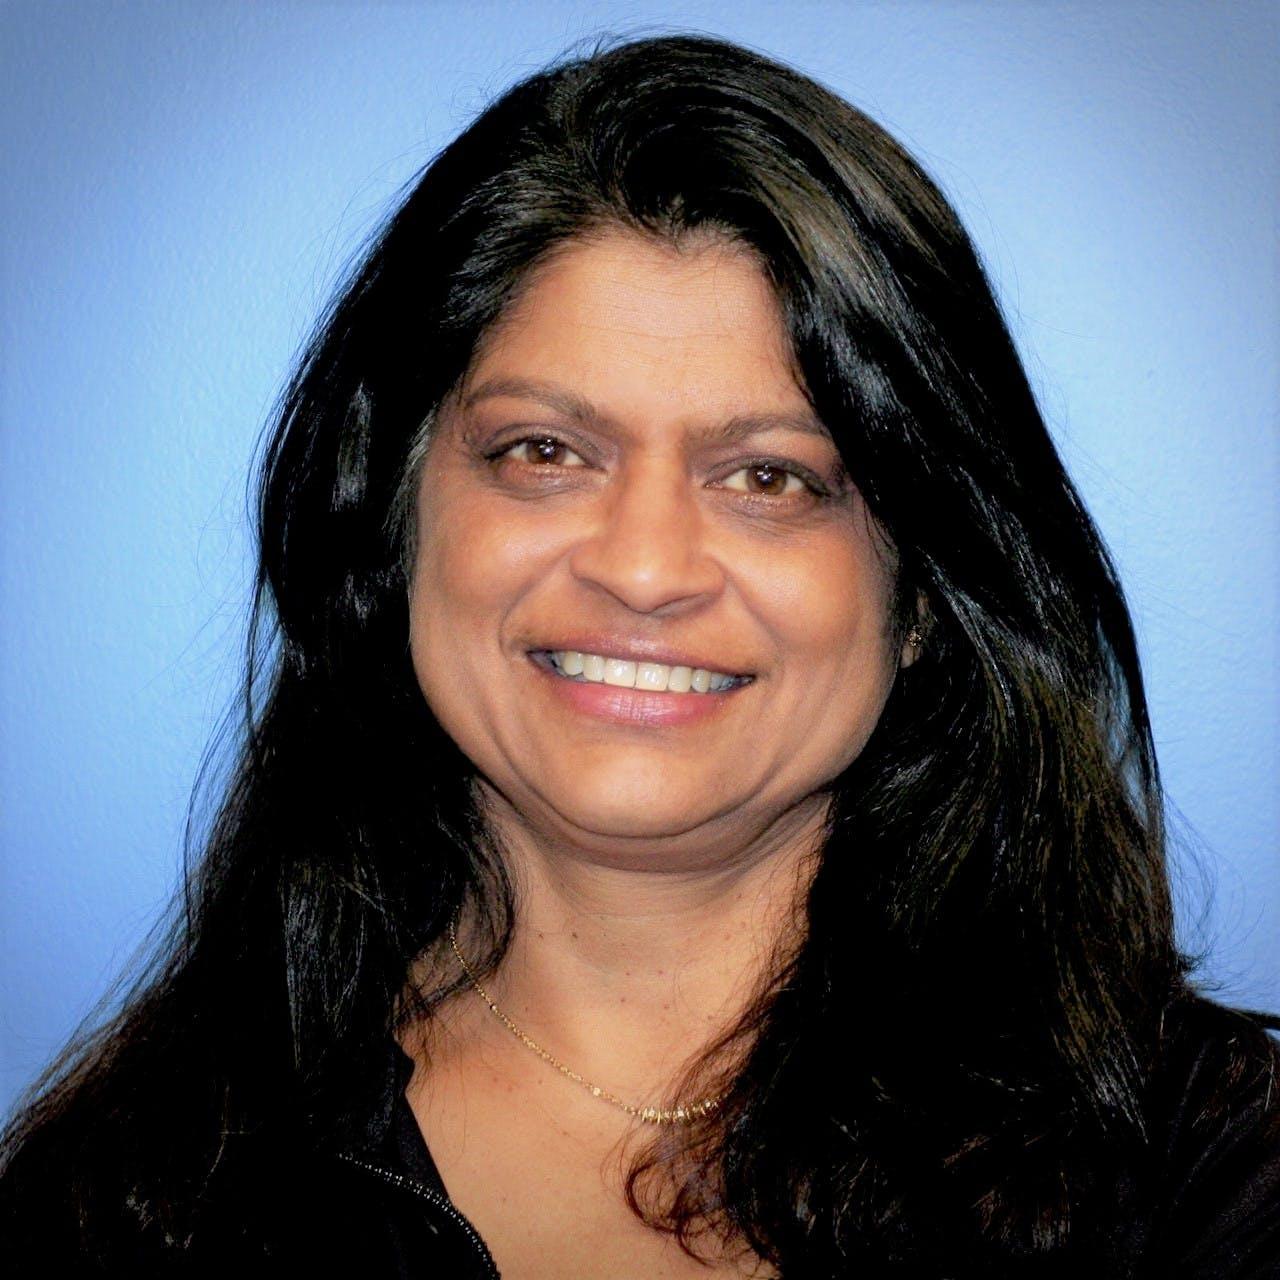 Shushma Patel